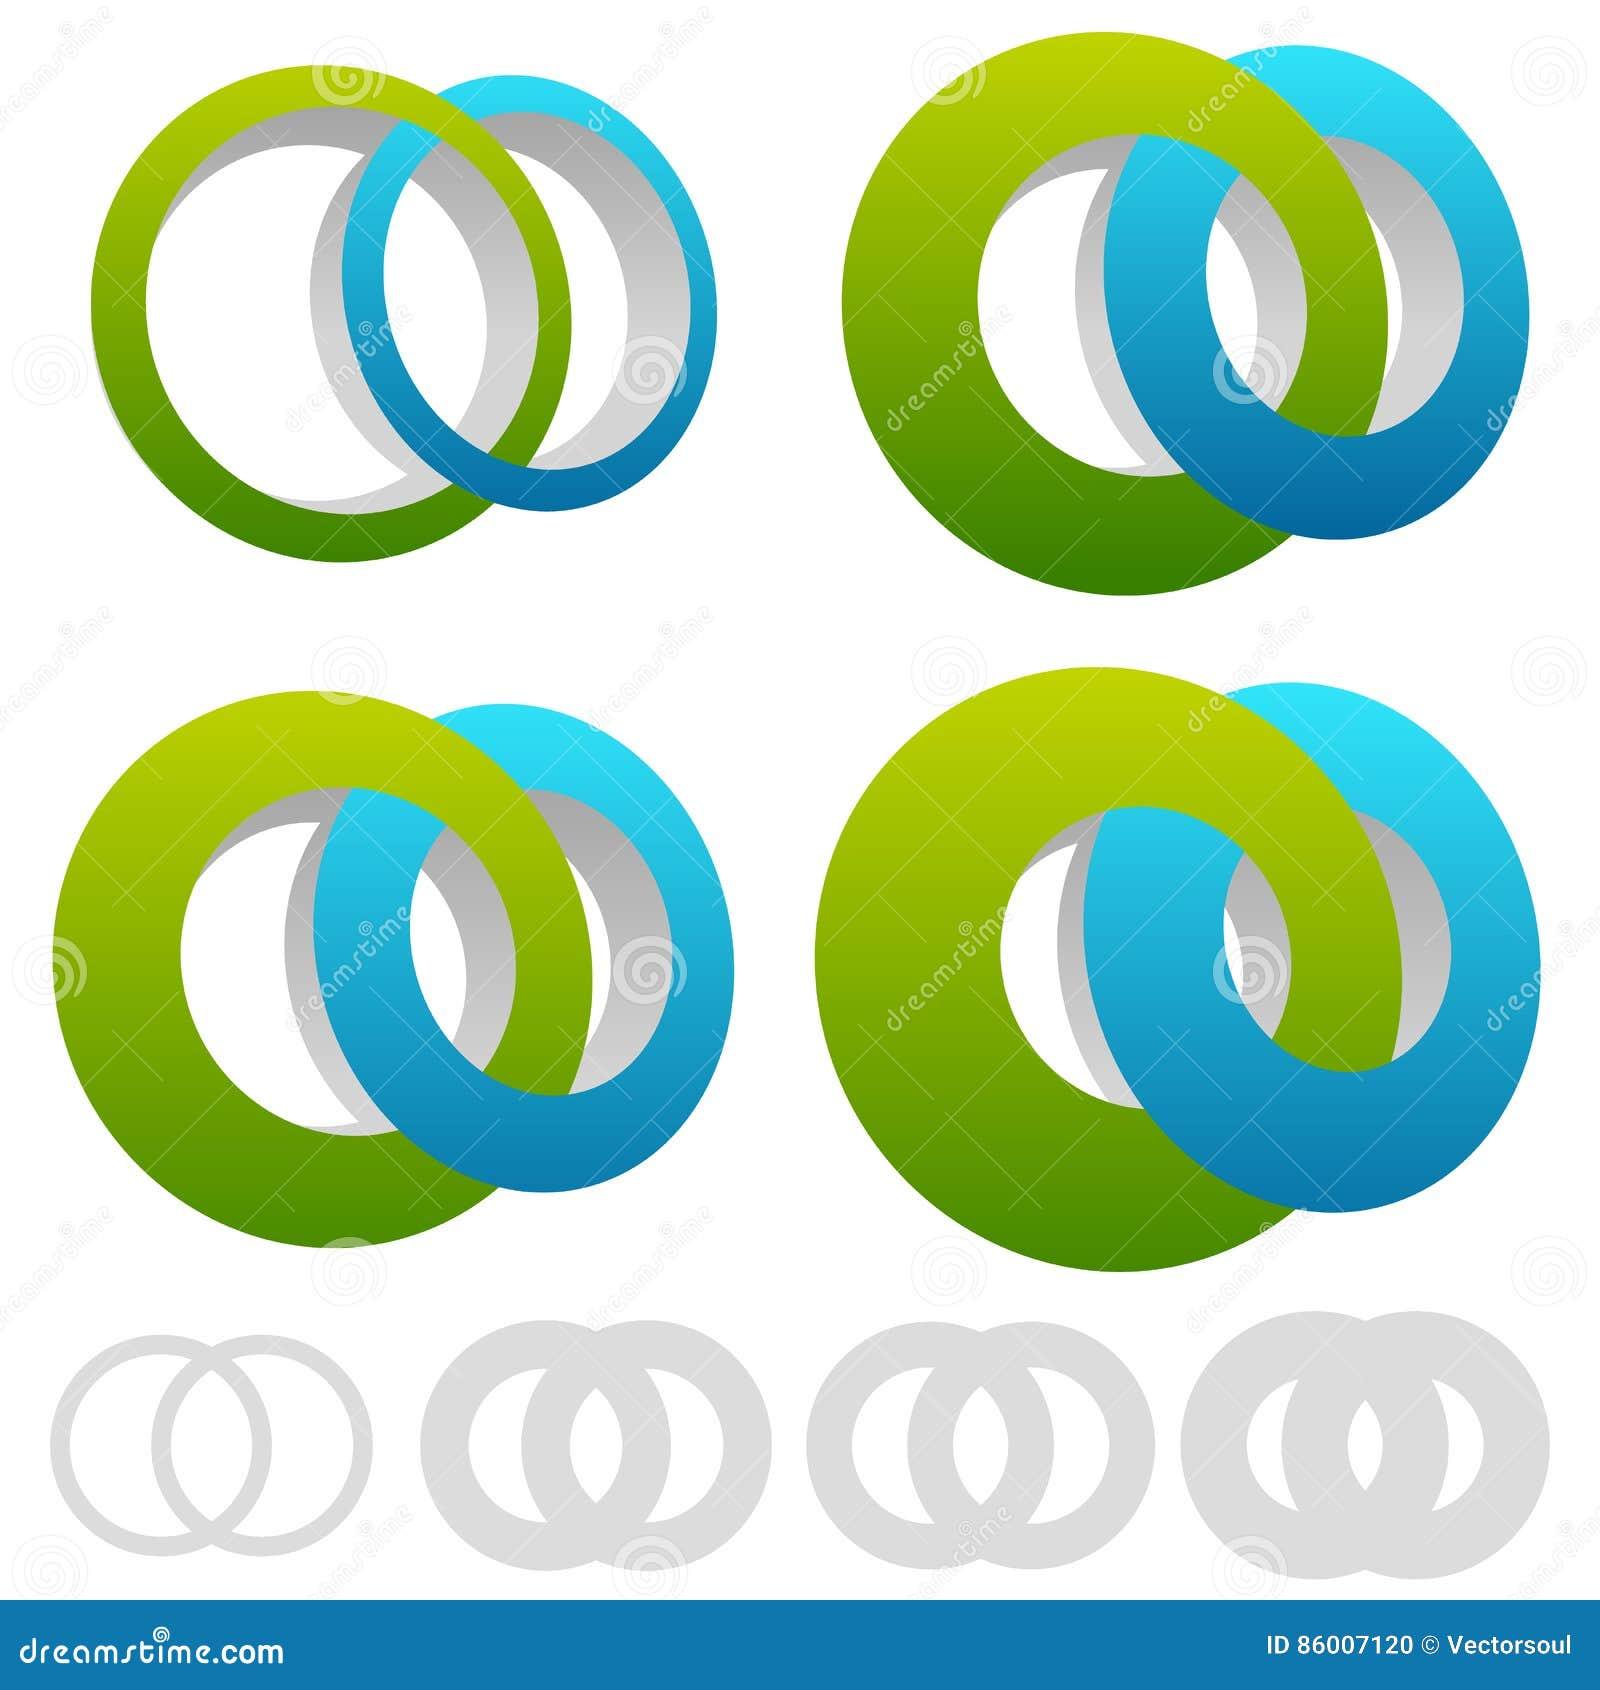 Gripa in i varandra cirklar, cirklar Det oändliga symbolet eller logoen med skilja sig åt